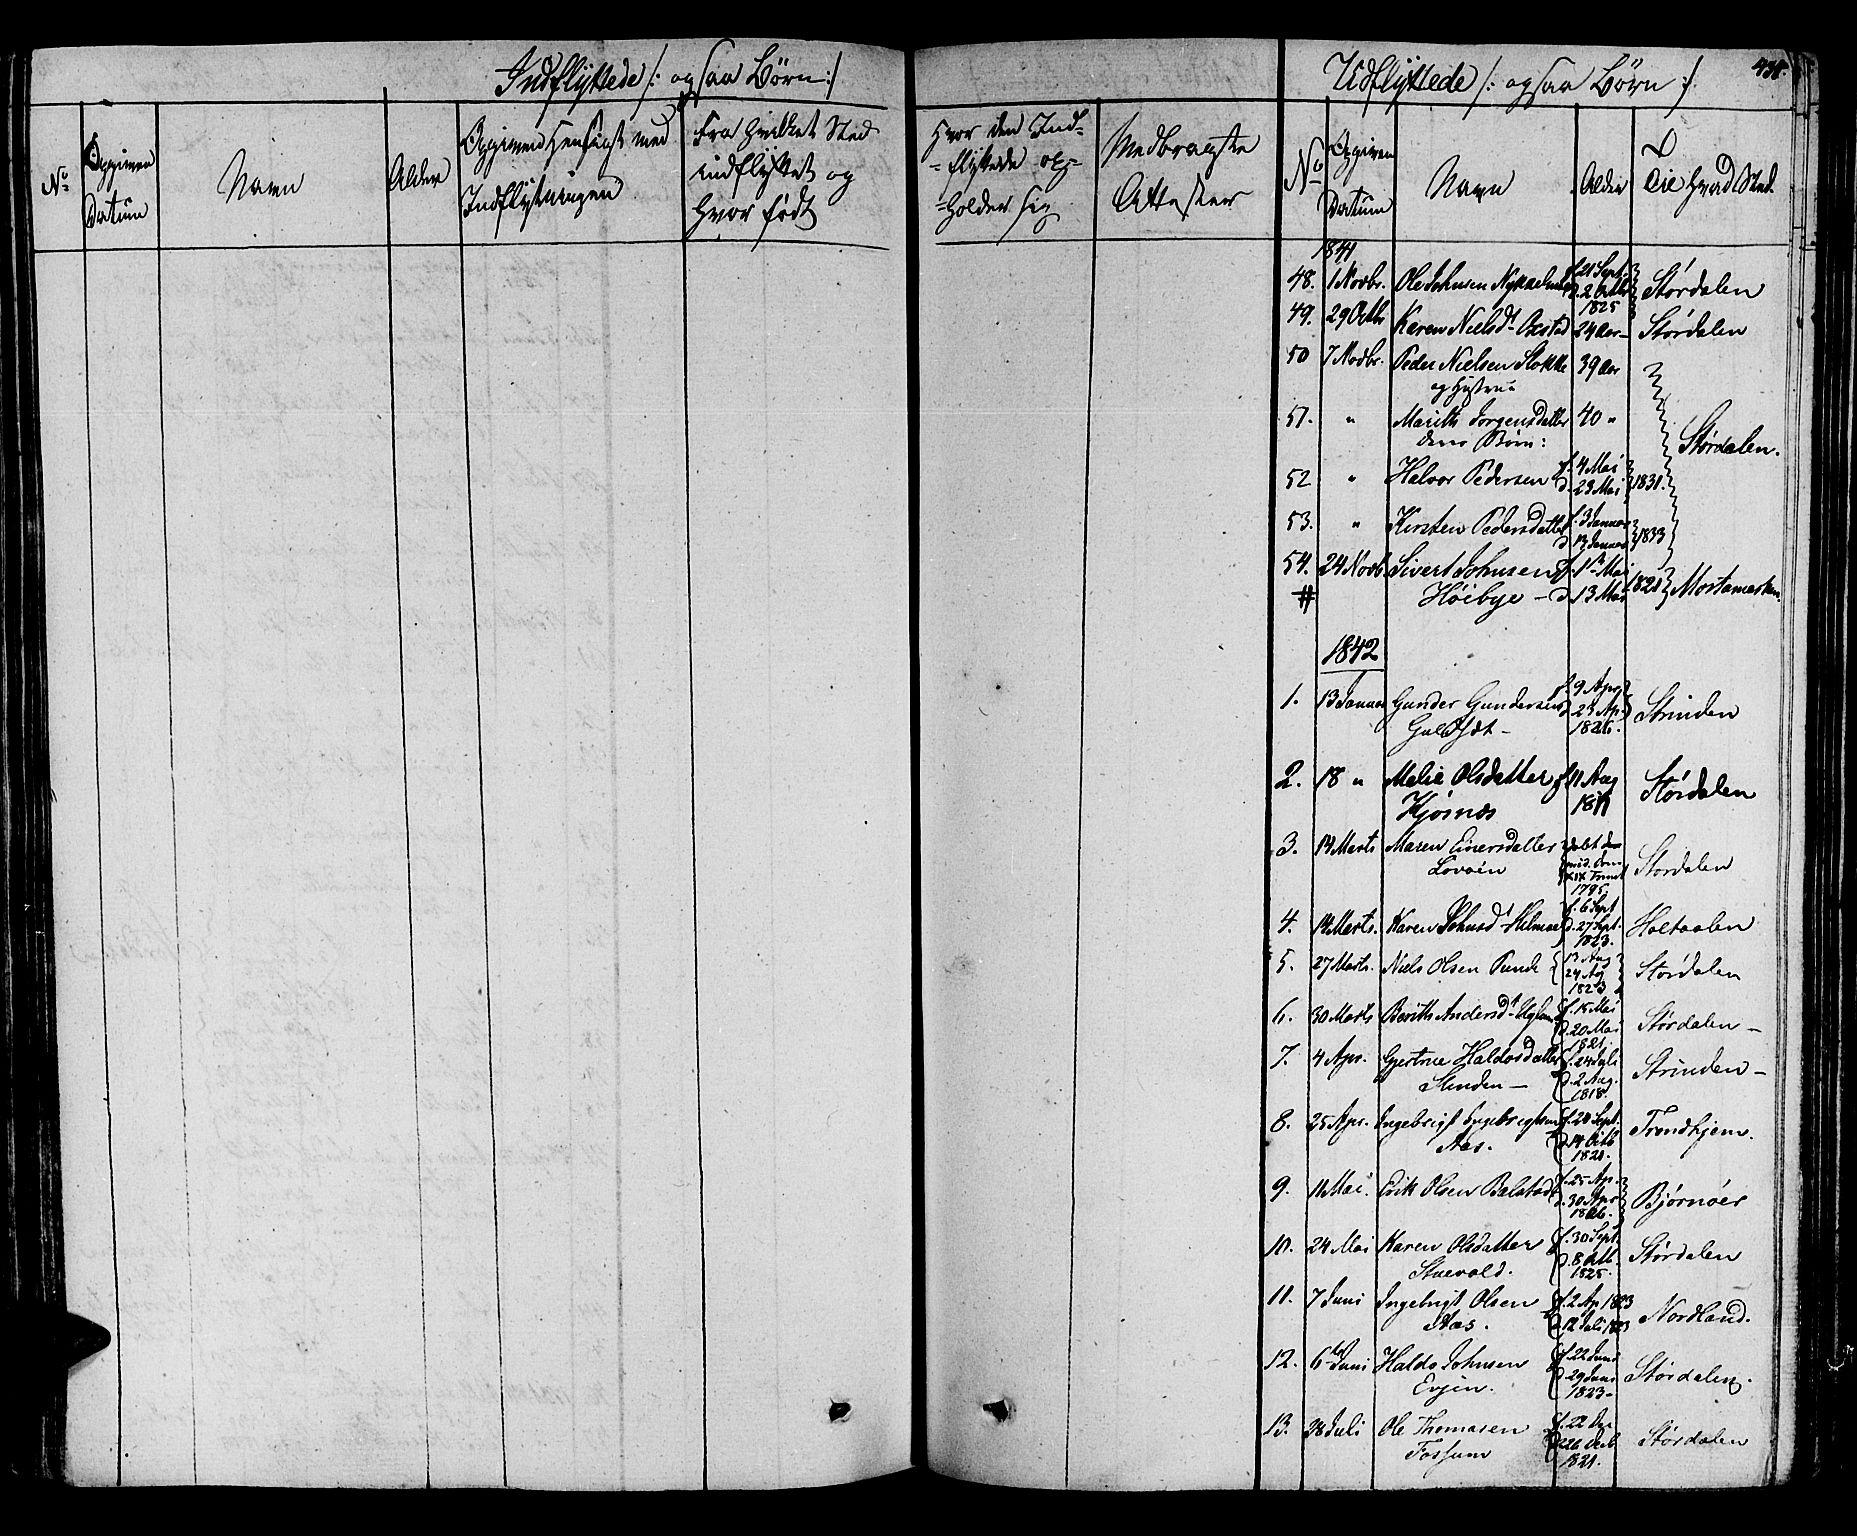 SAT, Ministerialprotokoller, klokkerbøker og fødselsregistre - Sør-Trøndelag, 695/L1143: Ministerialbok nr. 695A05 /1, 1824-1842, s. 431